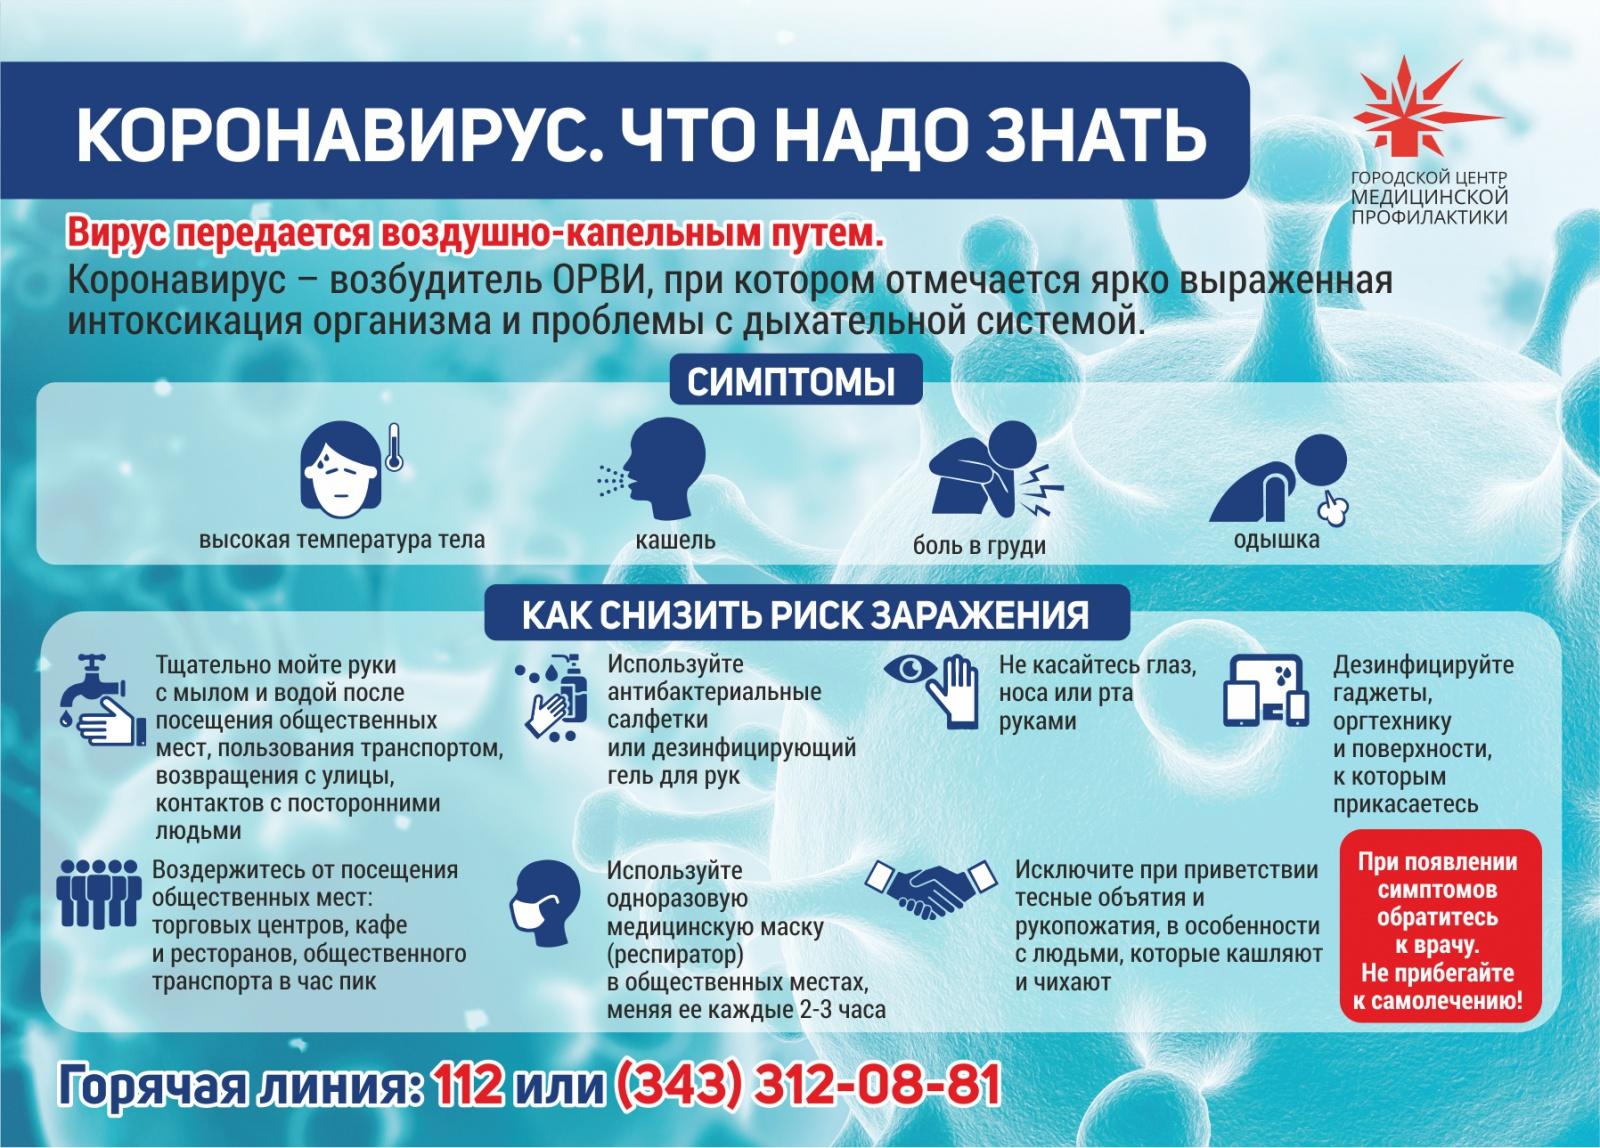 https://profilaktica.ru/upload/iblock/555/55512112f50904c9e3db7289e06b6ad9.jpg